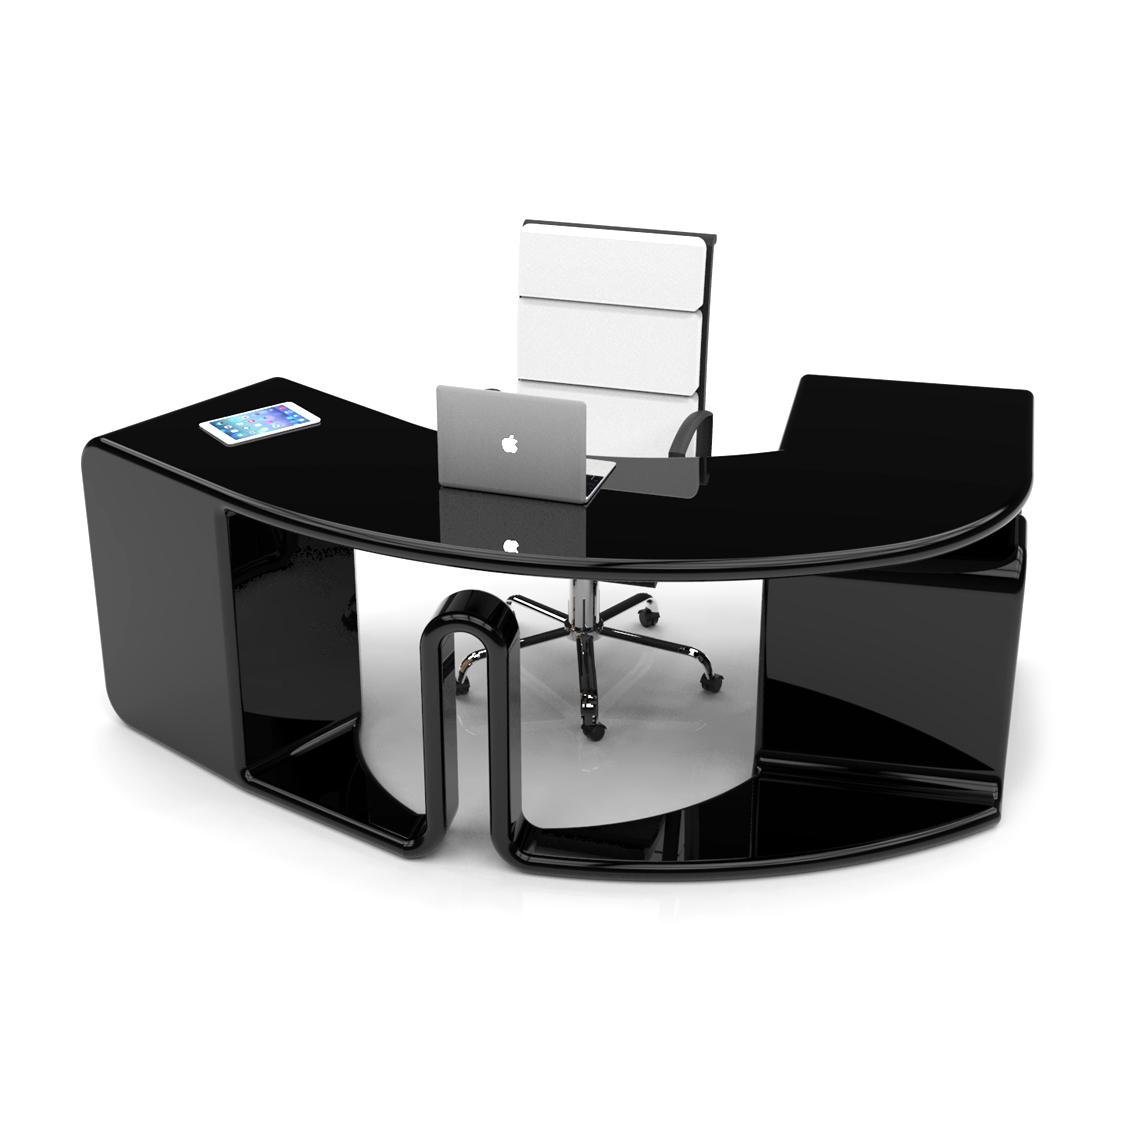 Zetya tavoli e scrivanie zad zone of absolute design for Tavoli e scrivanie